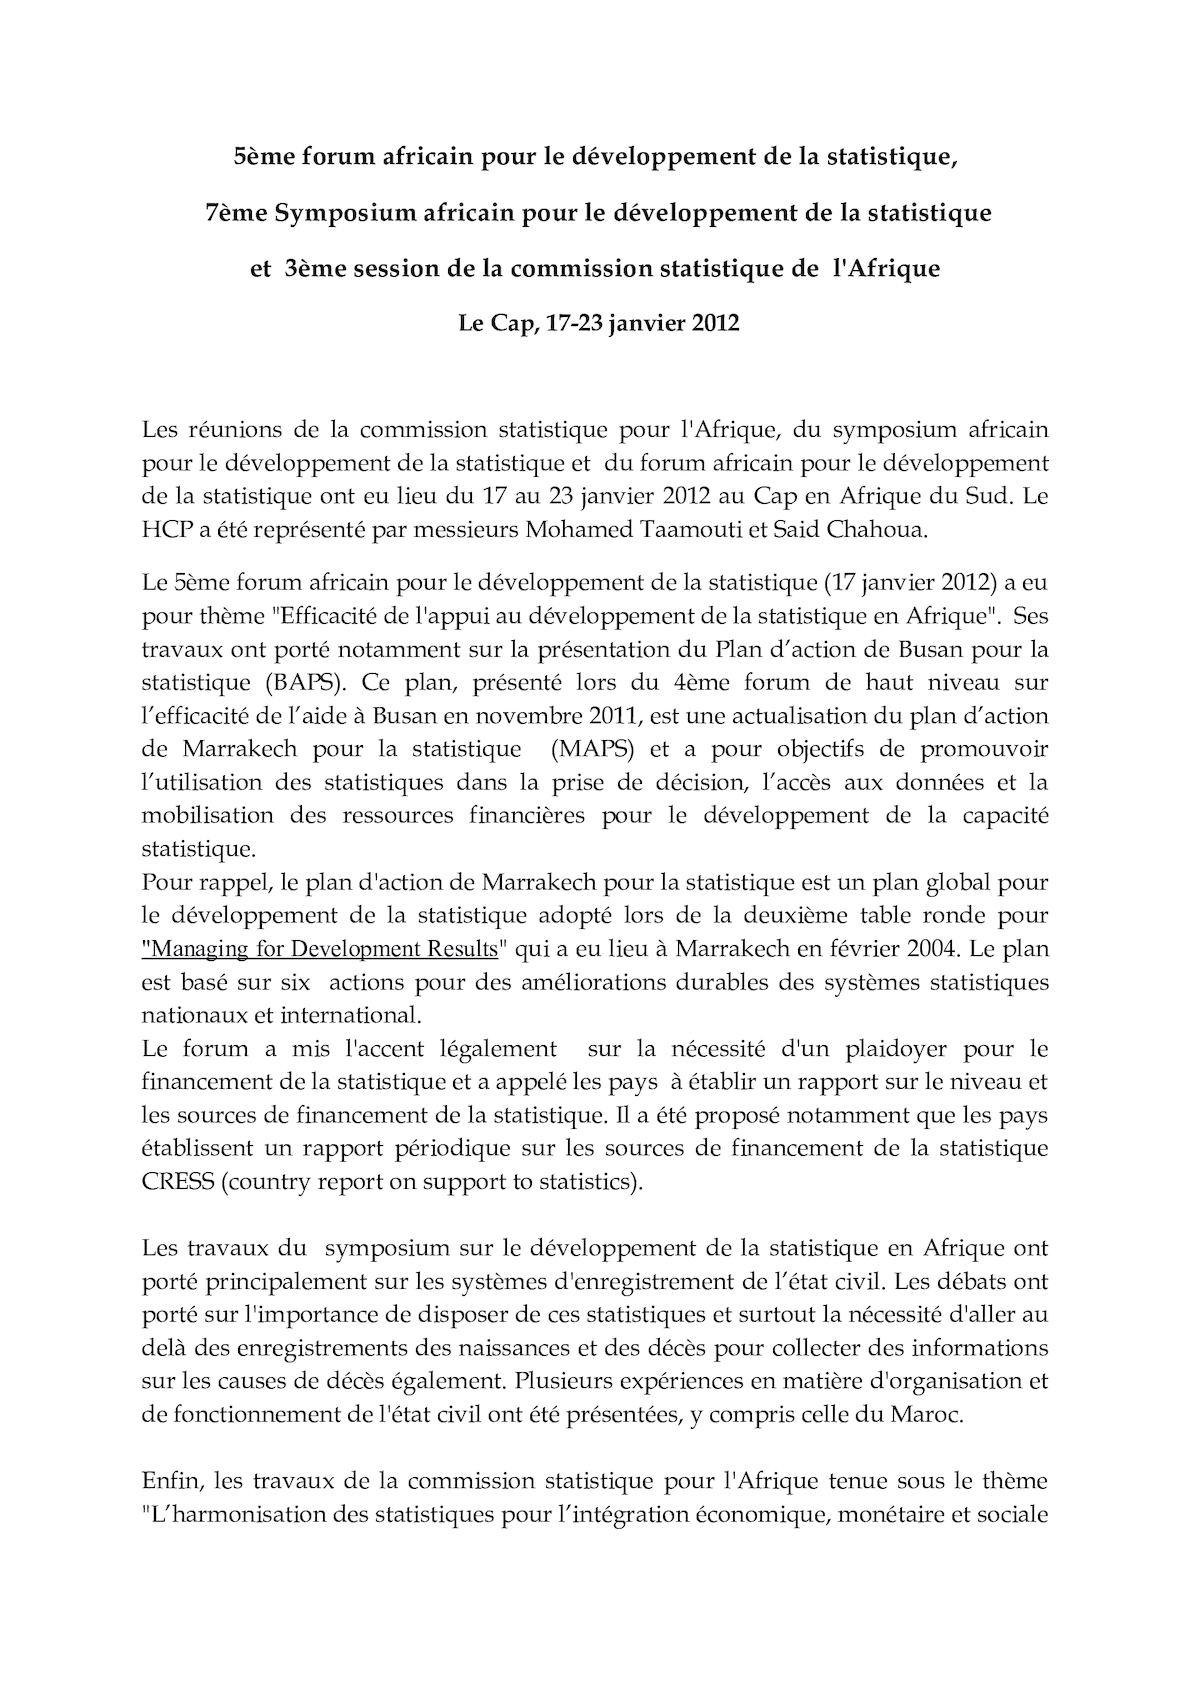 Cr Mission Le Cap 17 23 Janvierl 2012 2